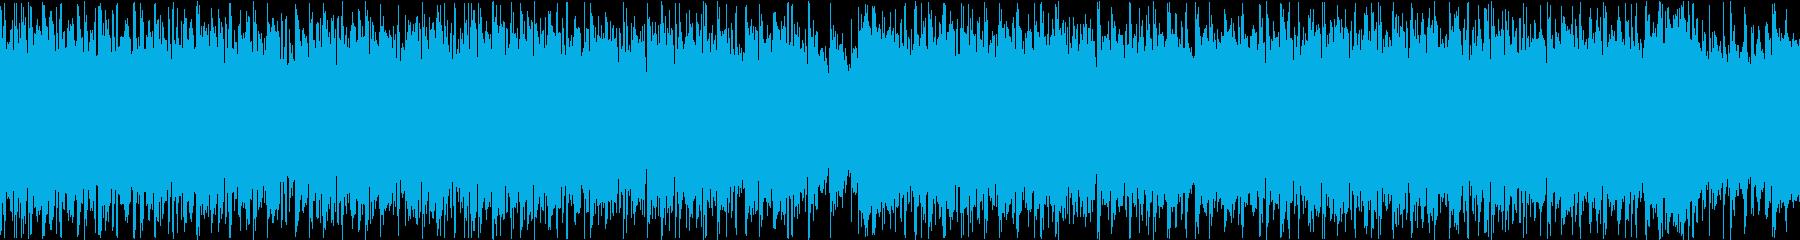 レトロな感じのEDM(Loop)の再生済みの波形